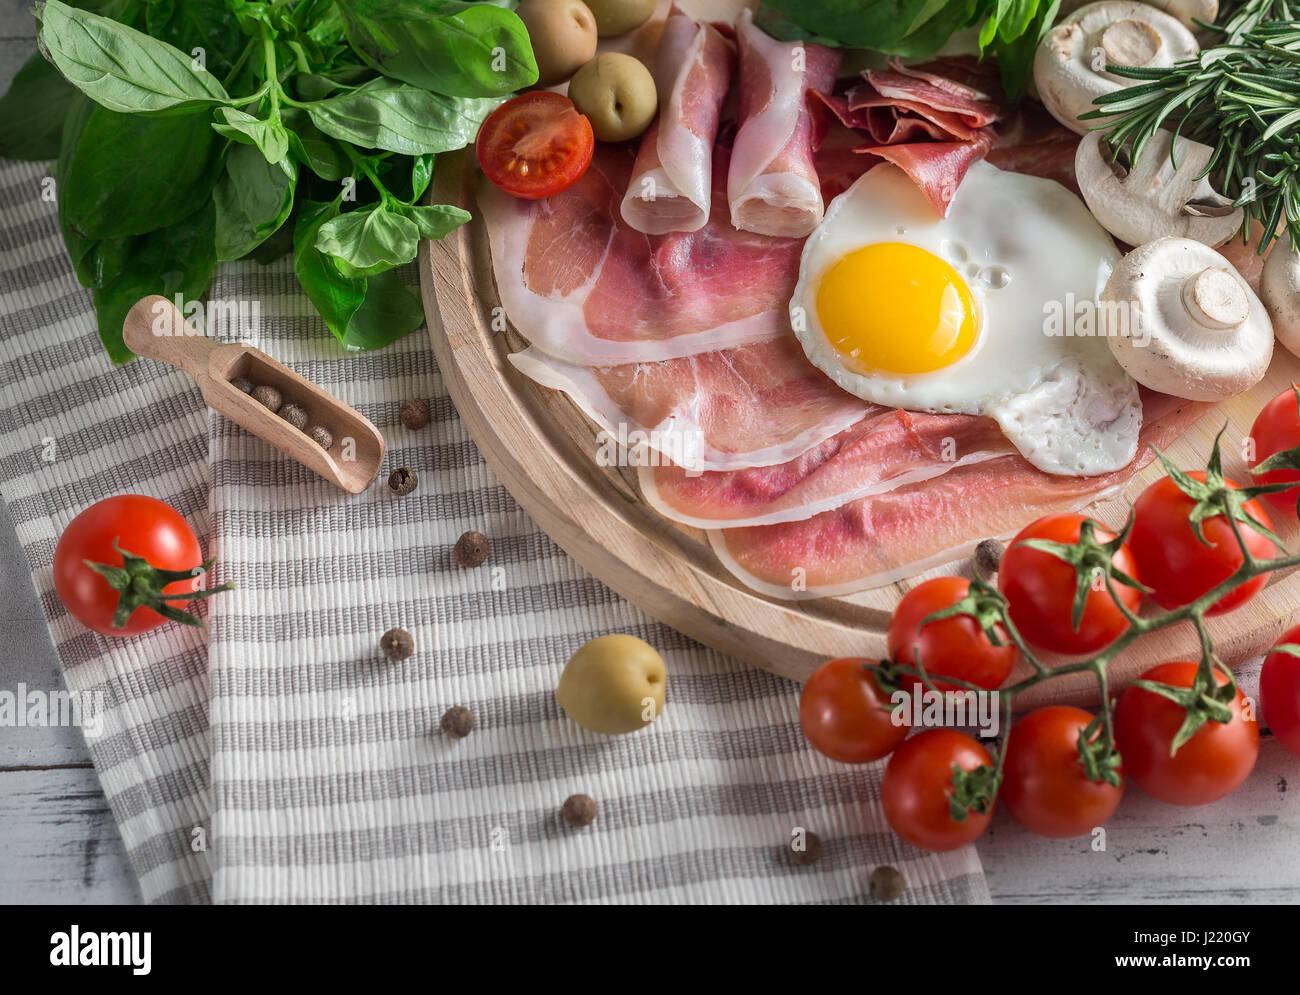 Gesunden mediterranen Frühstück Lebensmittel: gebratenen Eiern, Schinken, Strauchtomaten, Champignons, Stockbild